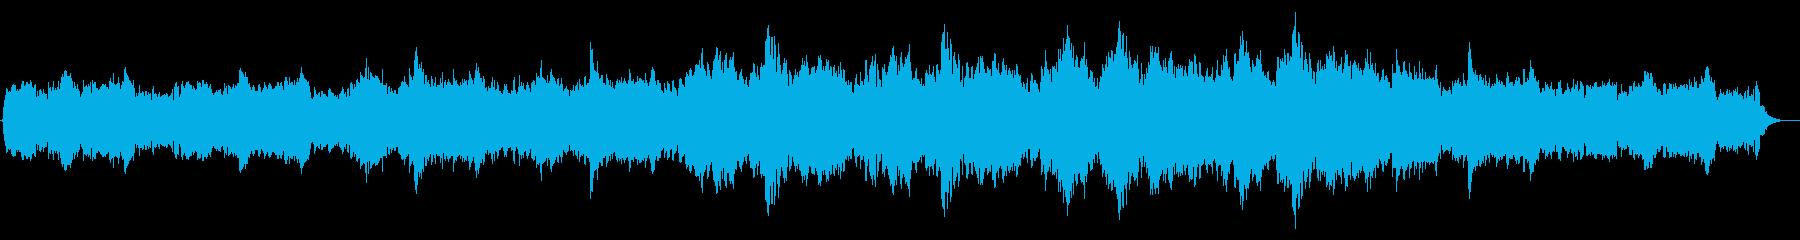 回想シーン等に使えそうなBGM その4の再生済みの波形